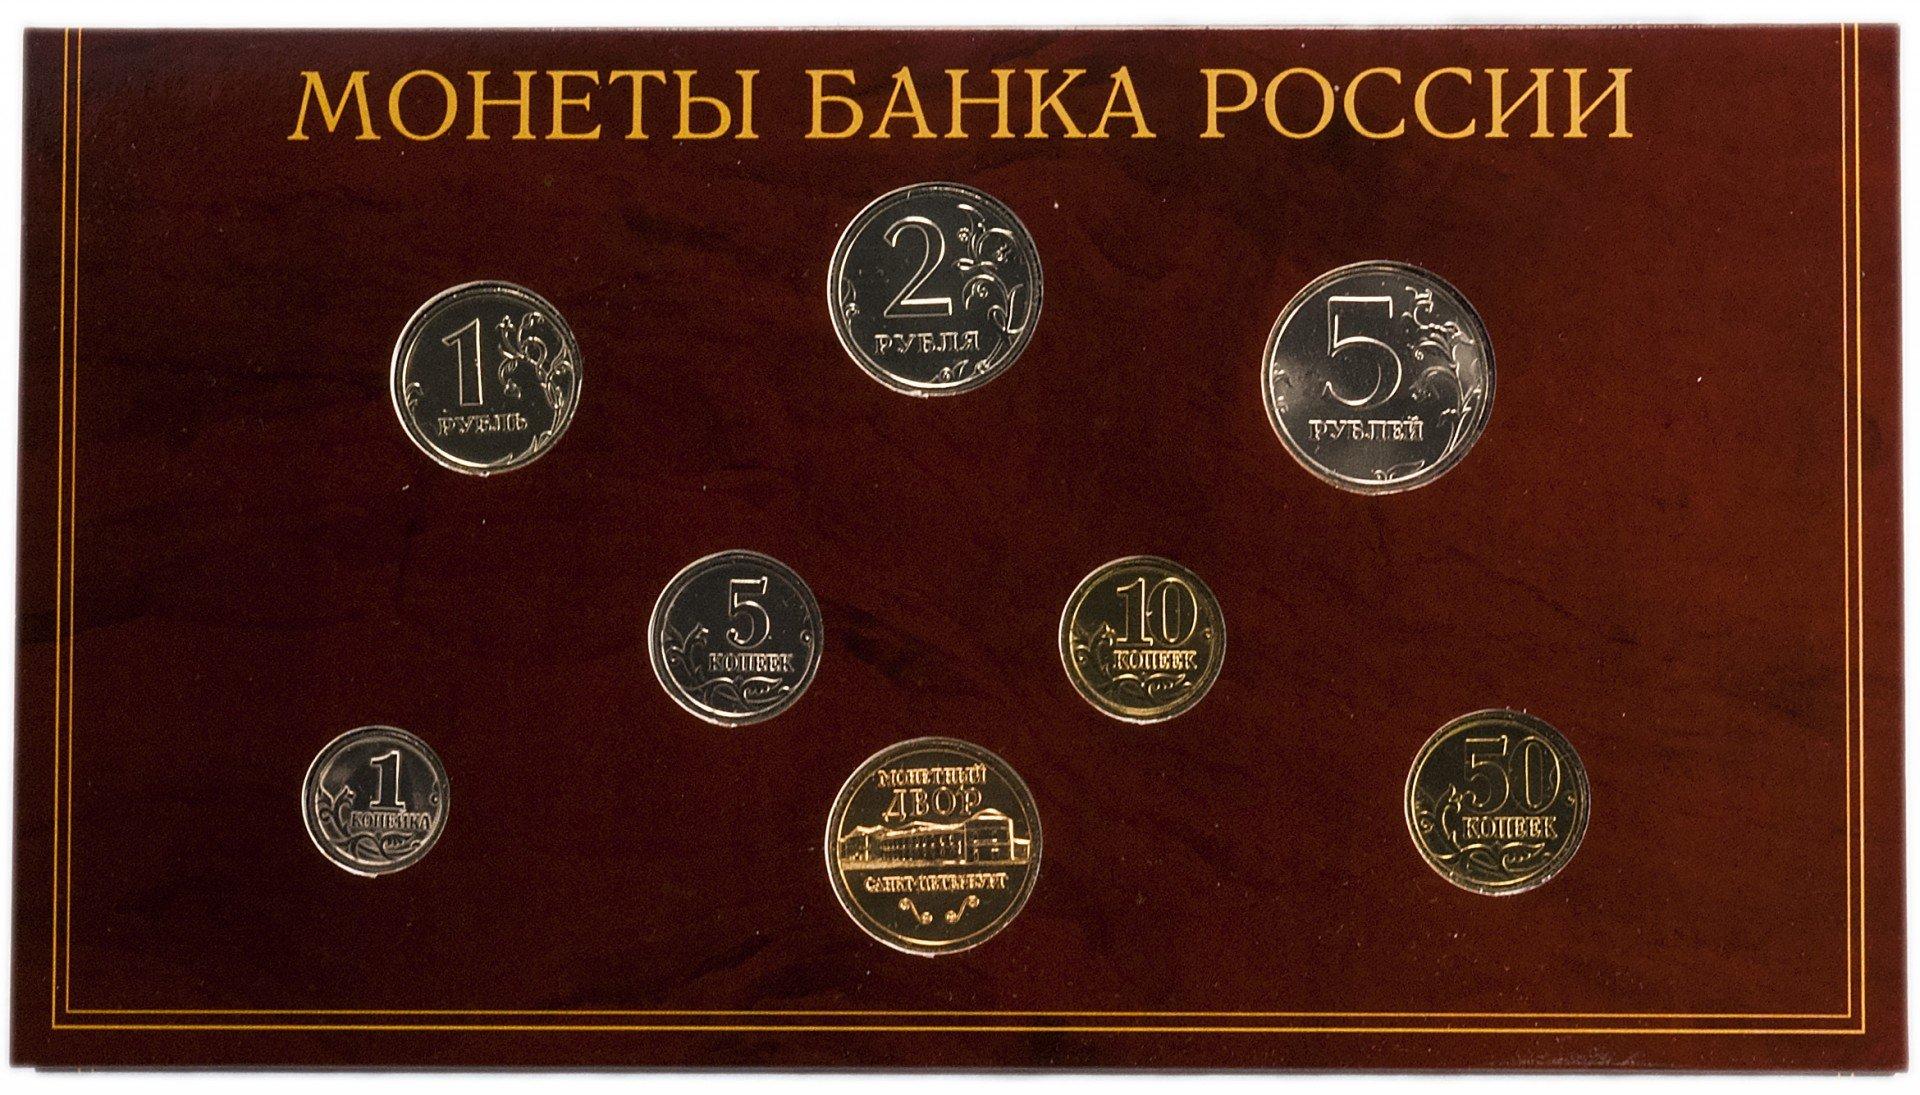 Куплю набор монет 2002 года юбилейные рублевые монеты